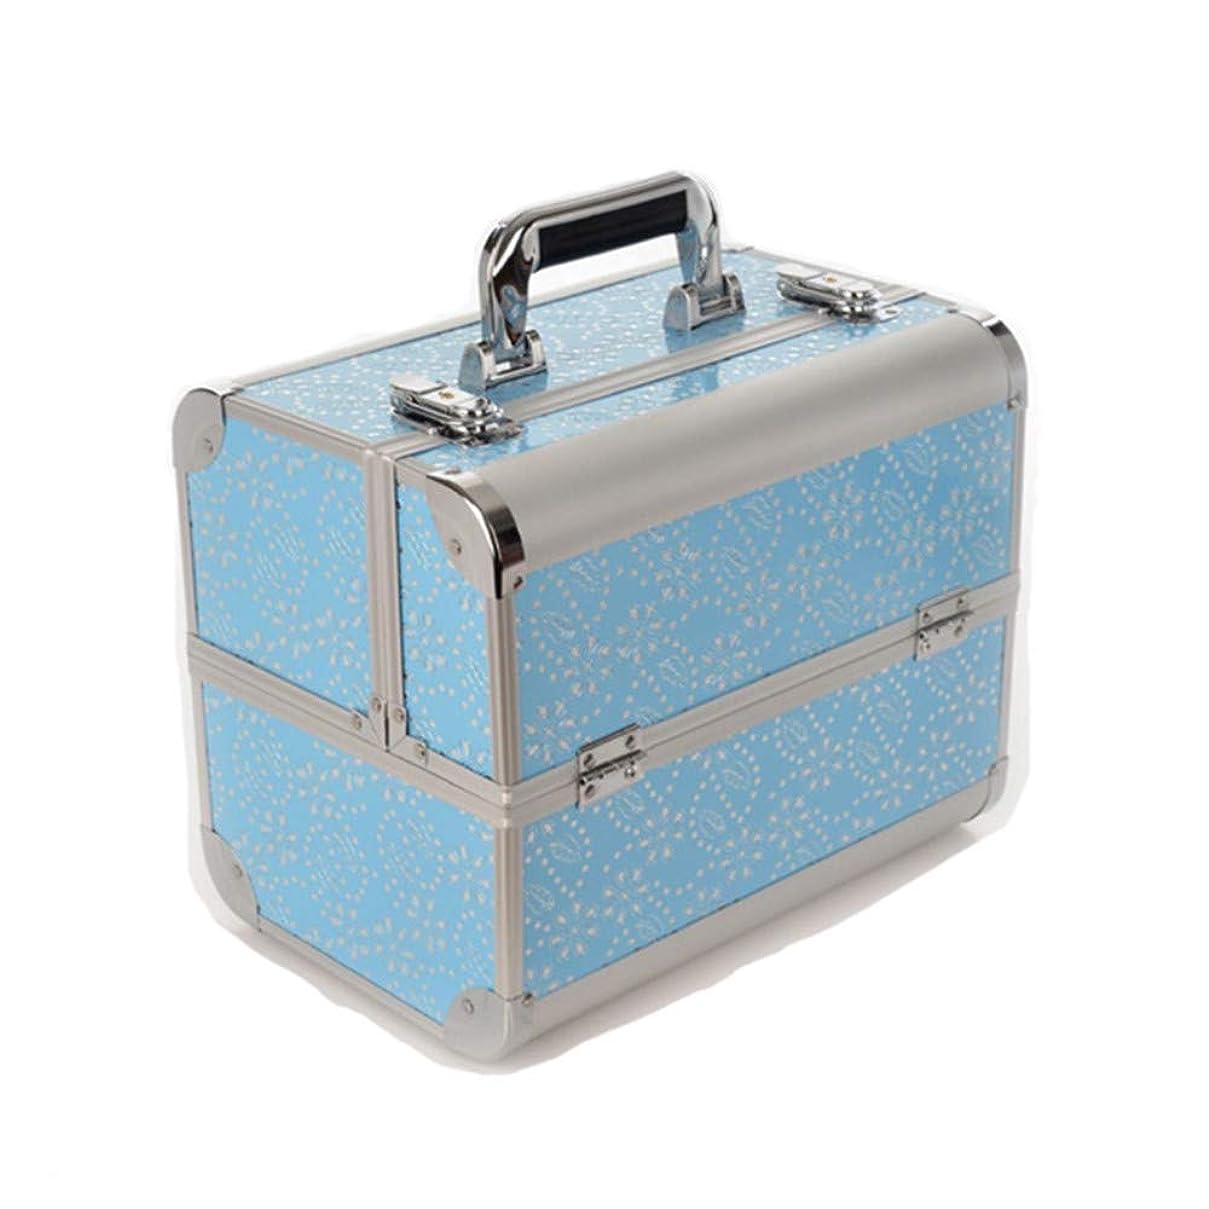 標準防止遠近法特大スペース収納ビューティーボックス 美の構造のためそしてジッパーおよび折る皿が付いている女の子の女性旅行そして毎日の貯蔵のための高容量の携帯用化粧品袋 化粧品化粧台 (色 : 青)